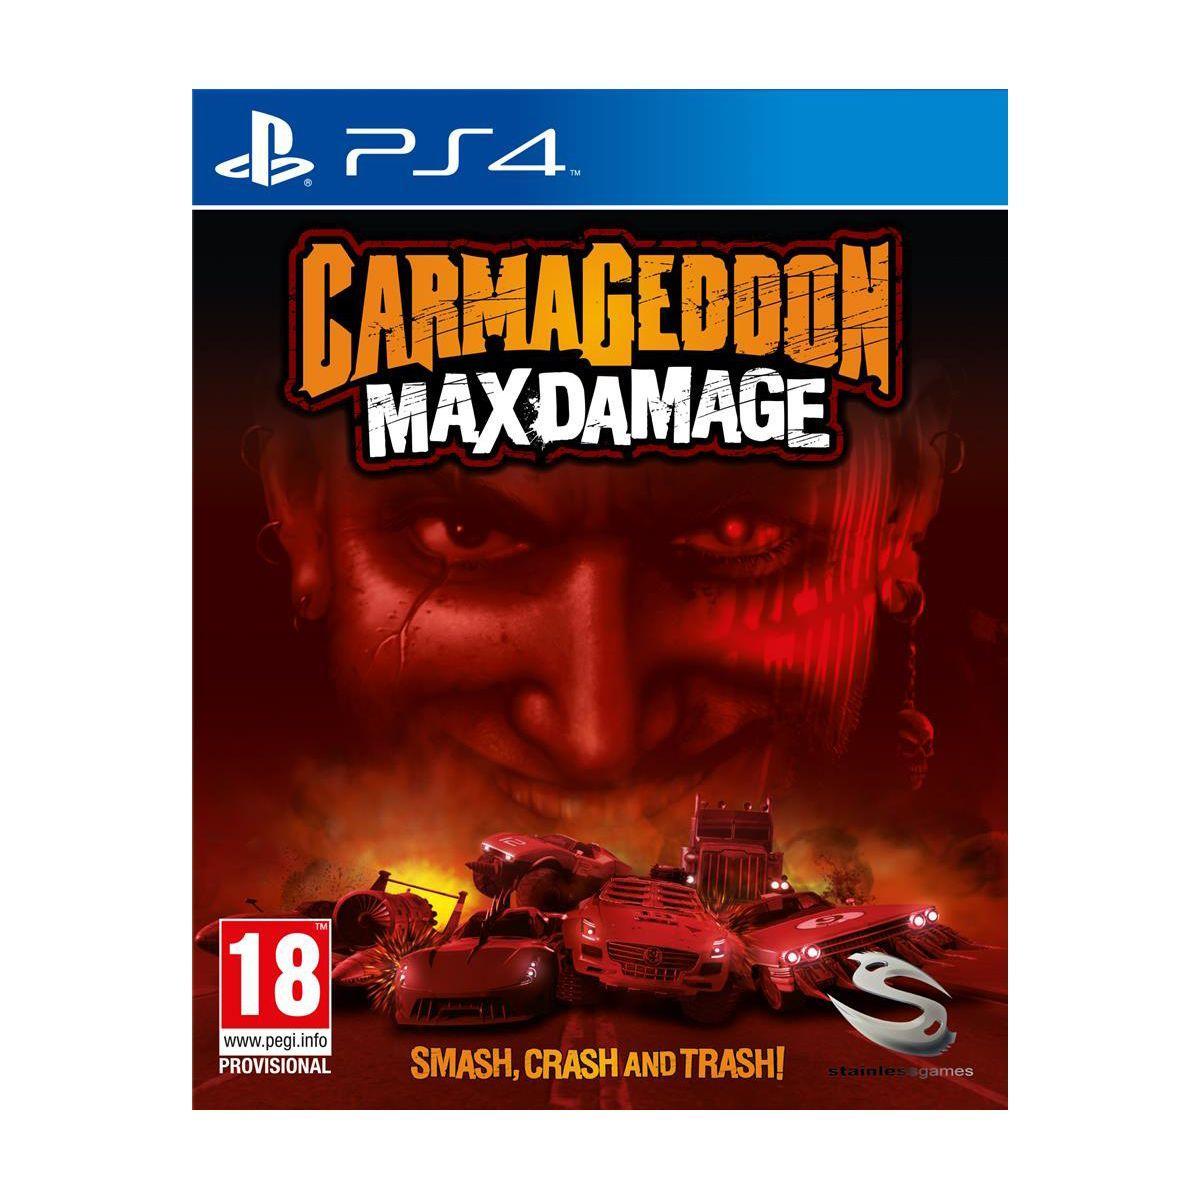 Jeu ps4 just for games carmageddon max damage - 3% de remise immédiate avec le code : multi3 (photo)